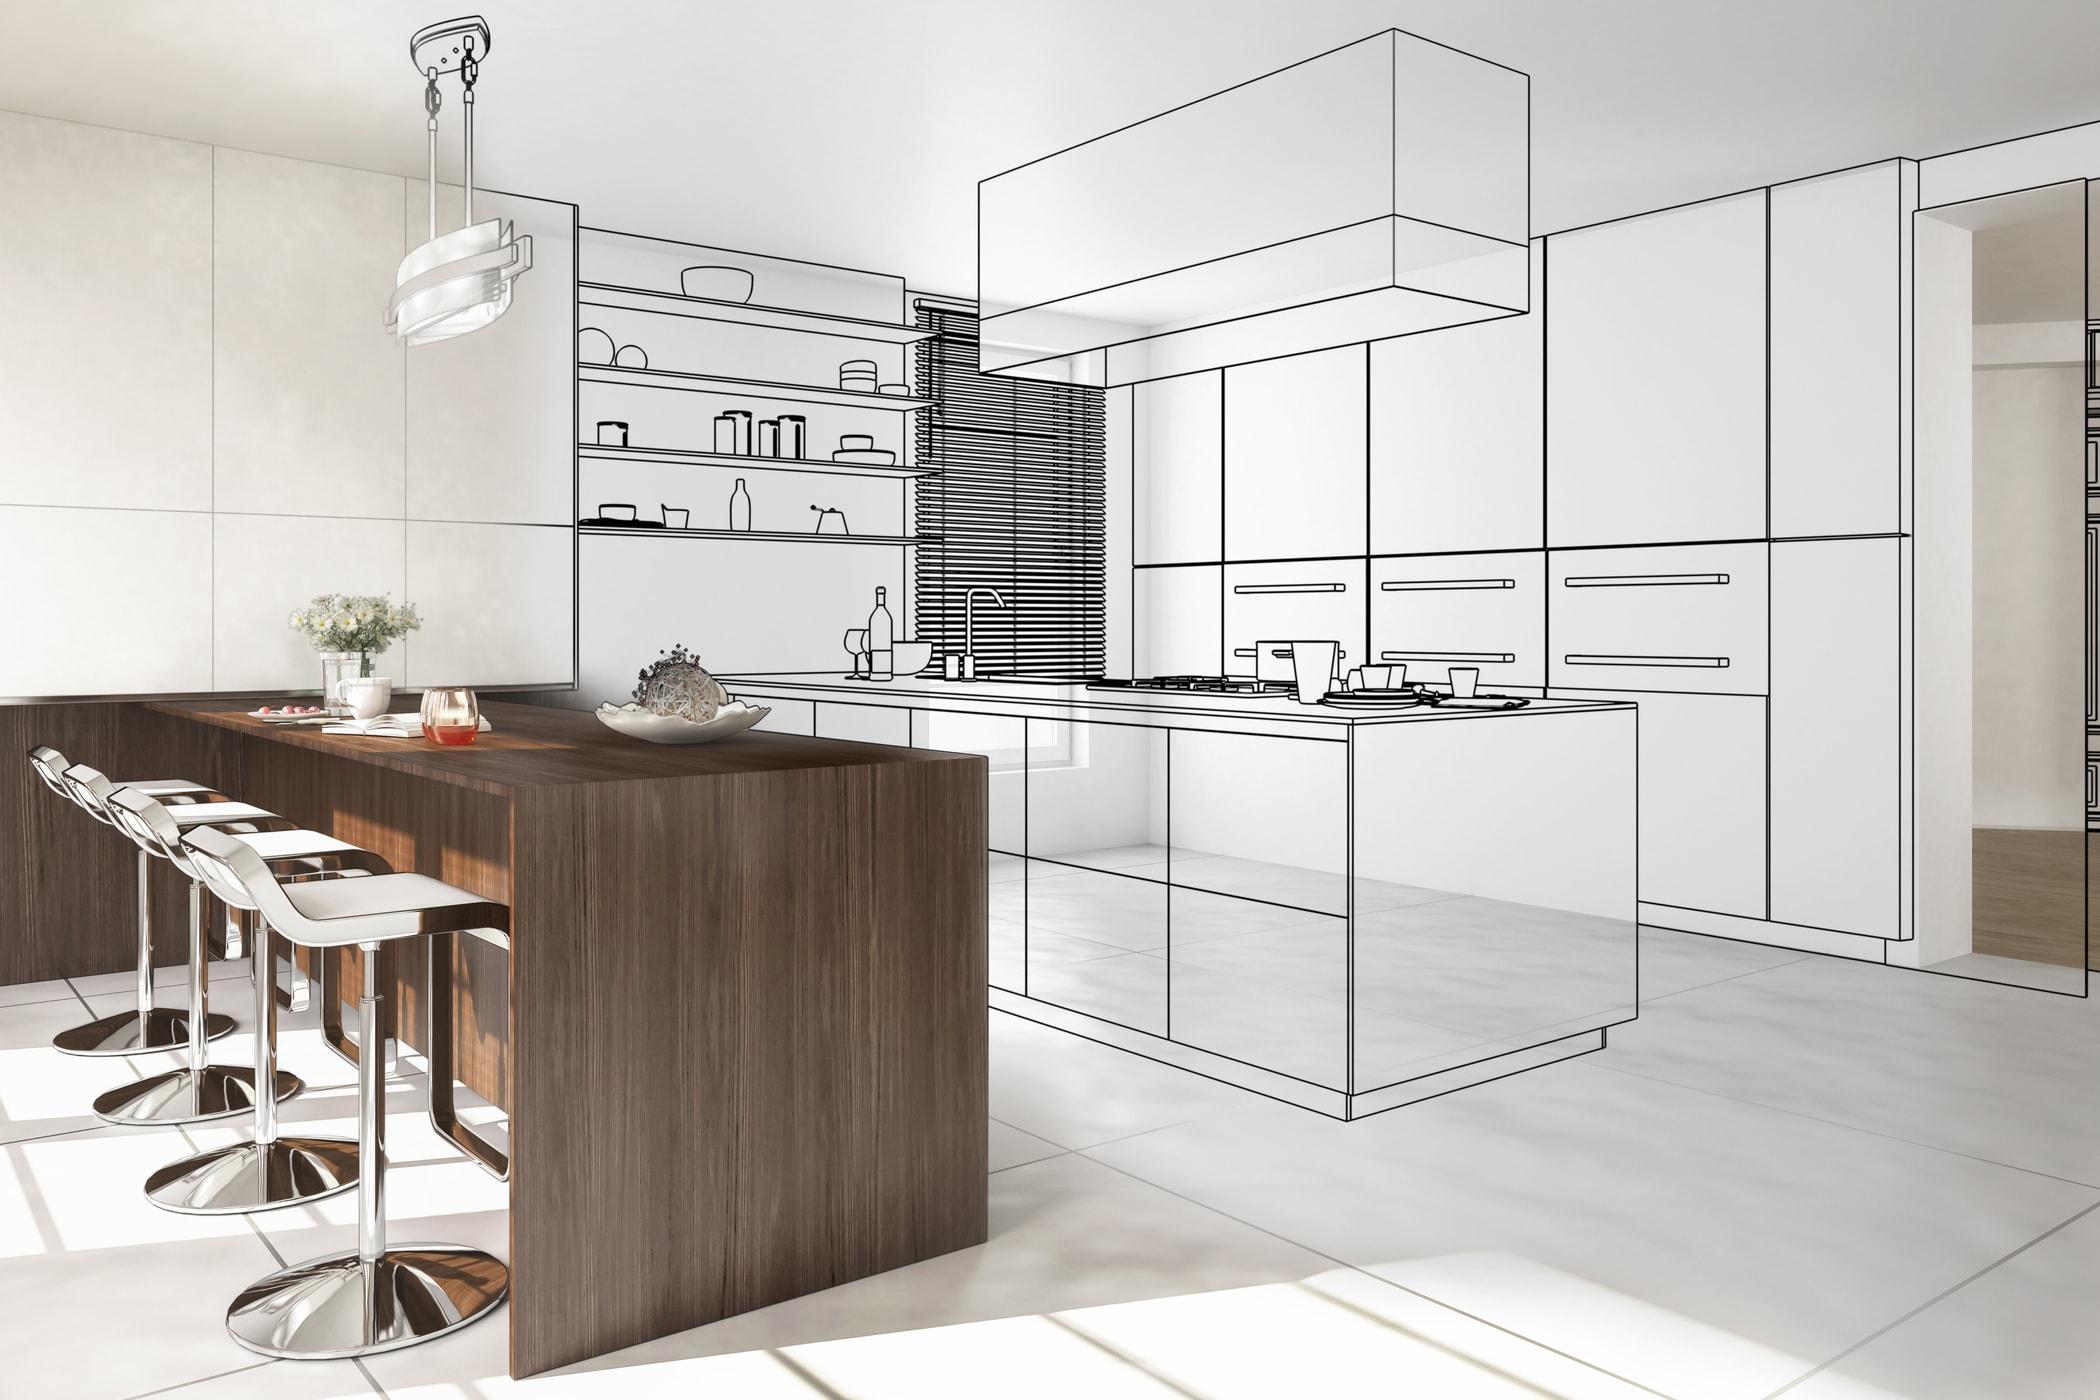 4 Wyjatkowe Projekty Kuchni W Malym Mieszkaniu Sprawdz Je